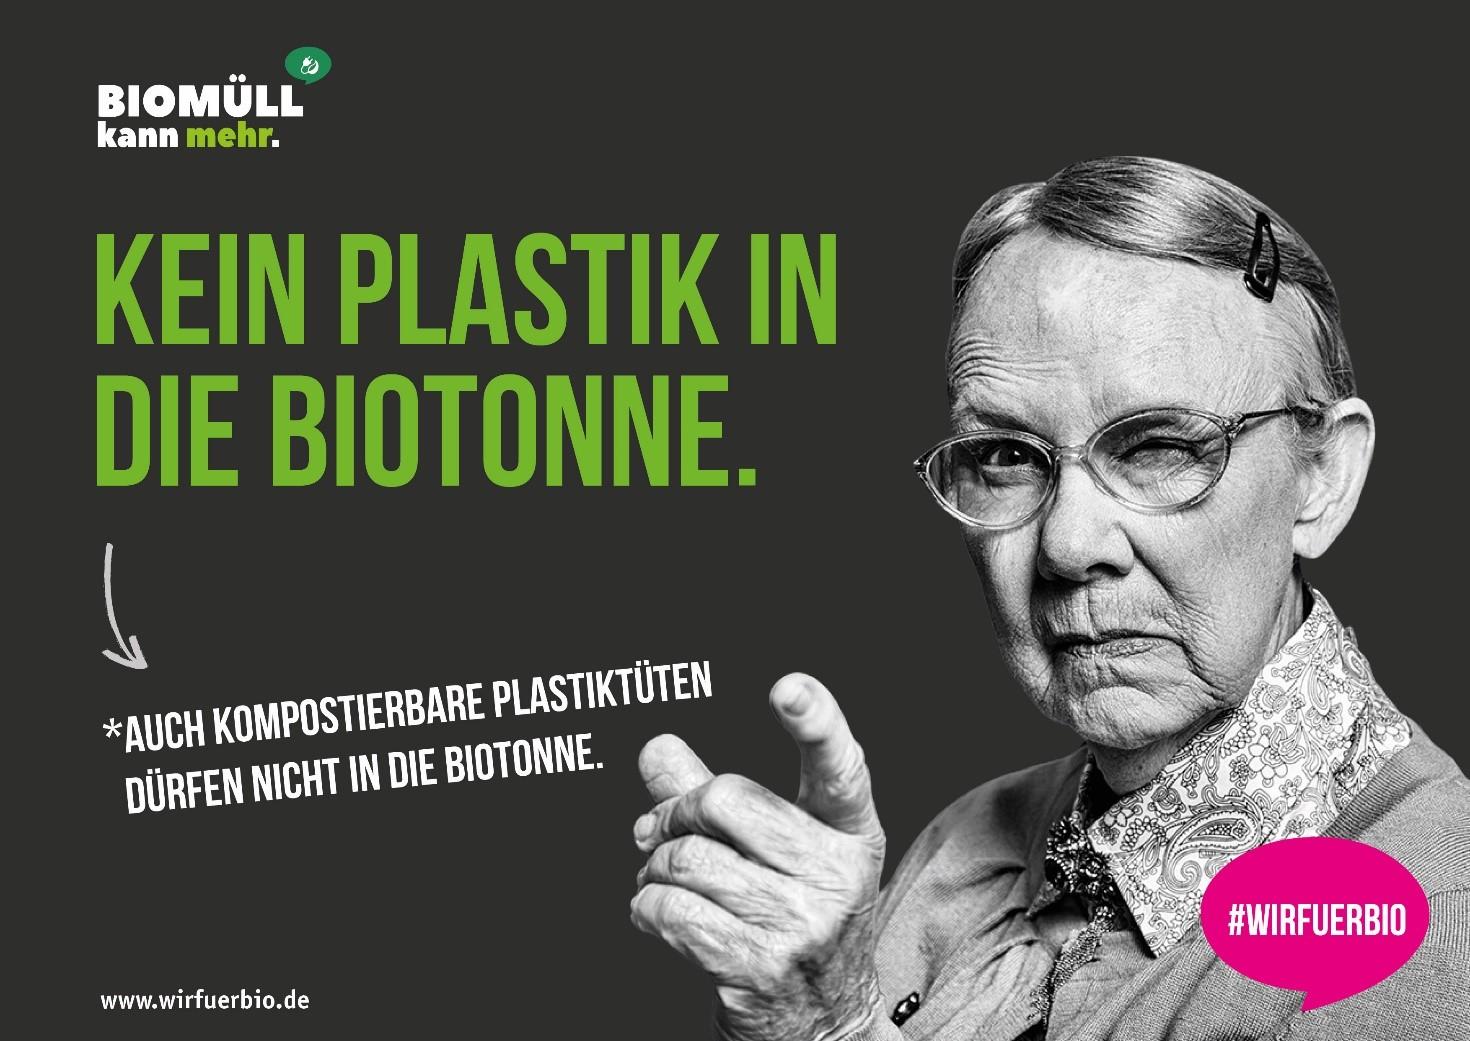 """Mit diesem zentralen Kampagnenmotiv wird die klare Botschaft """"Kein Plastik in die Biotonne!"""" zeitnah auch im Osnabrücker Land stark beworben."""